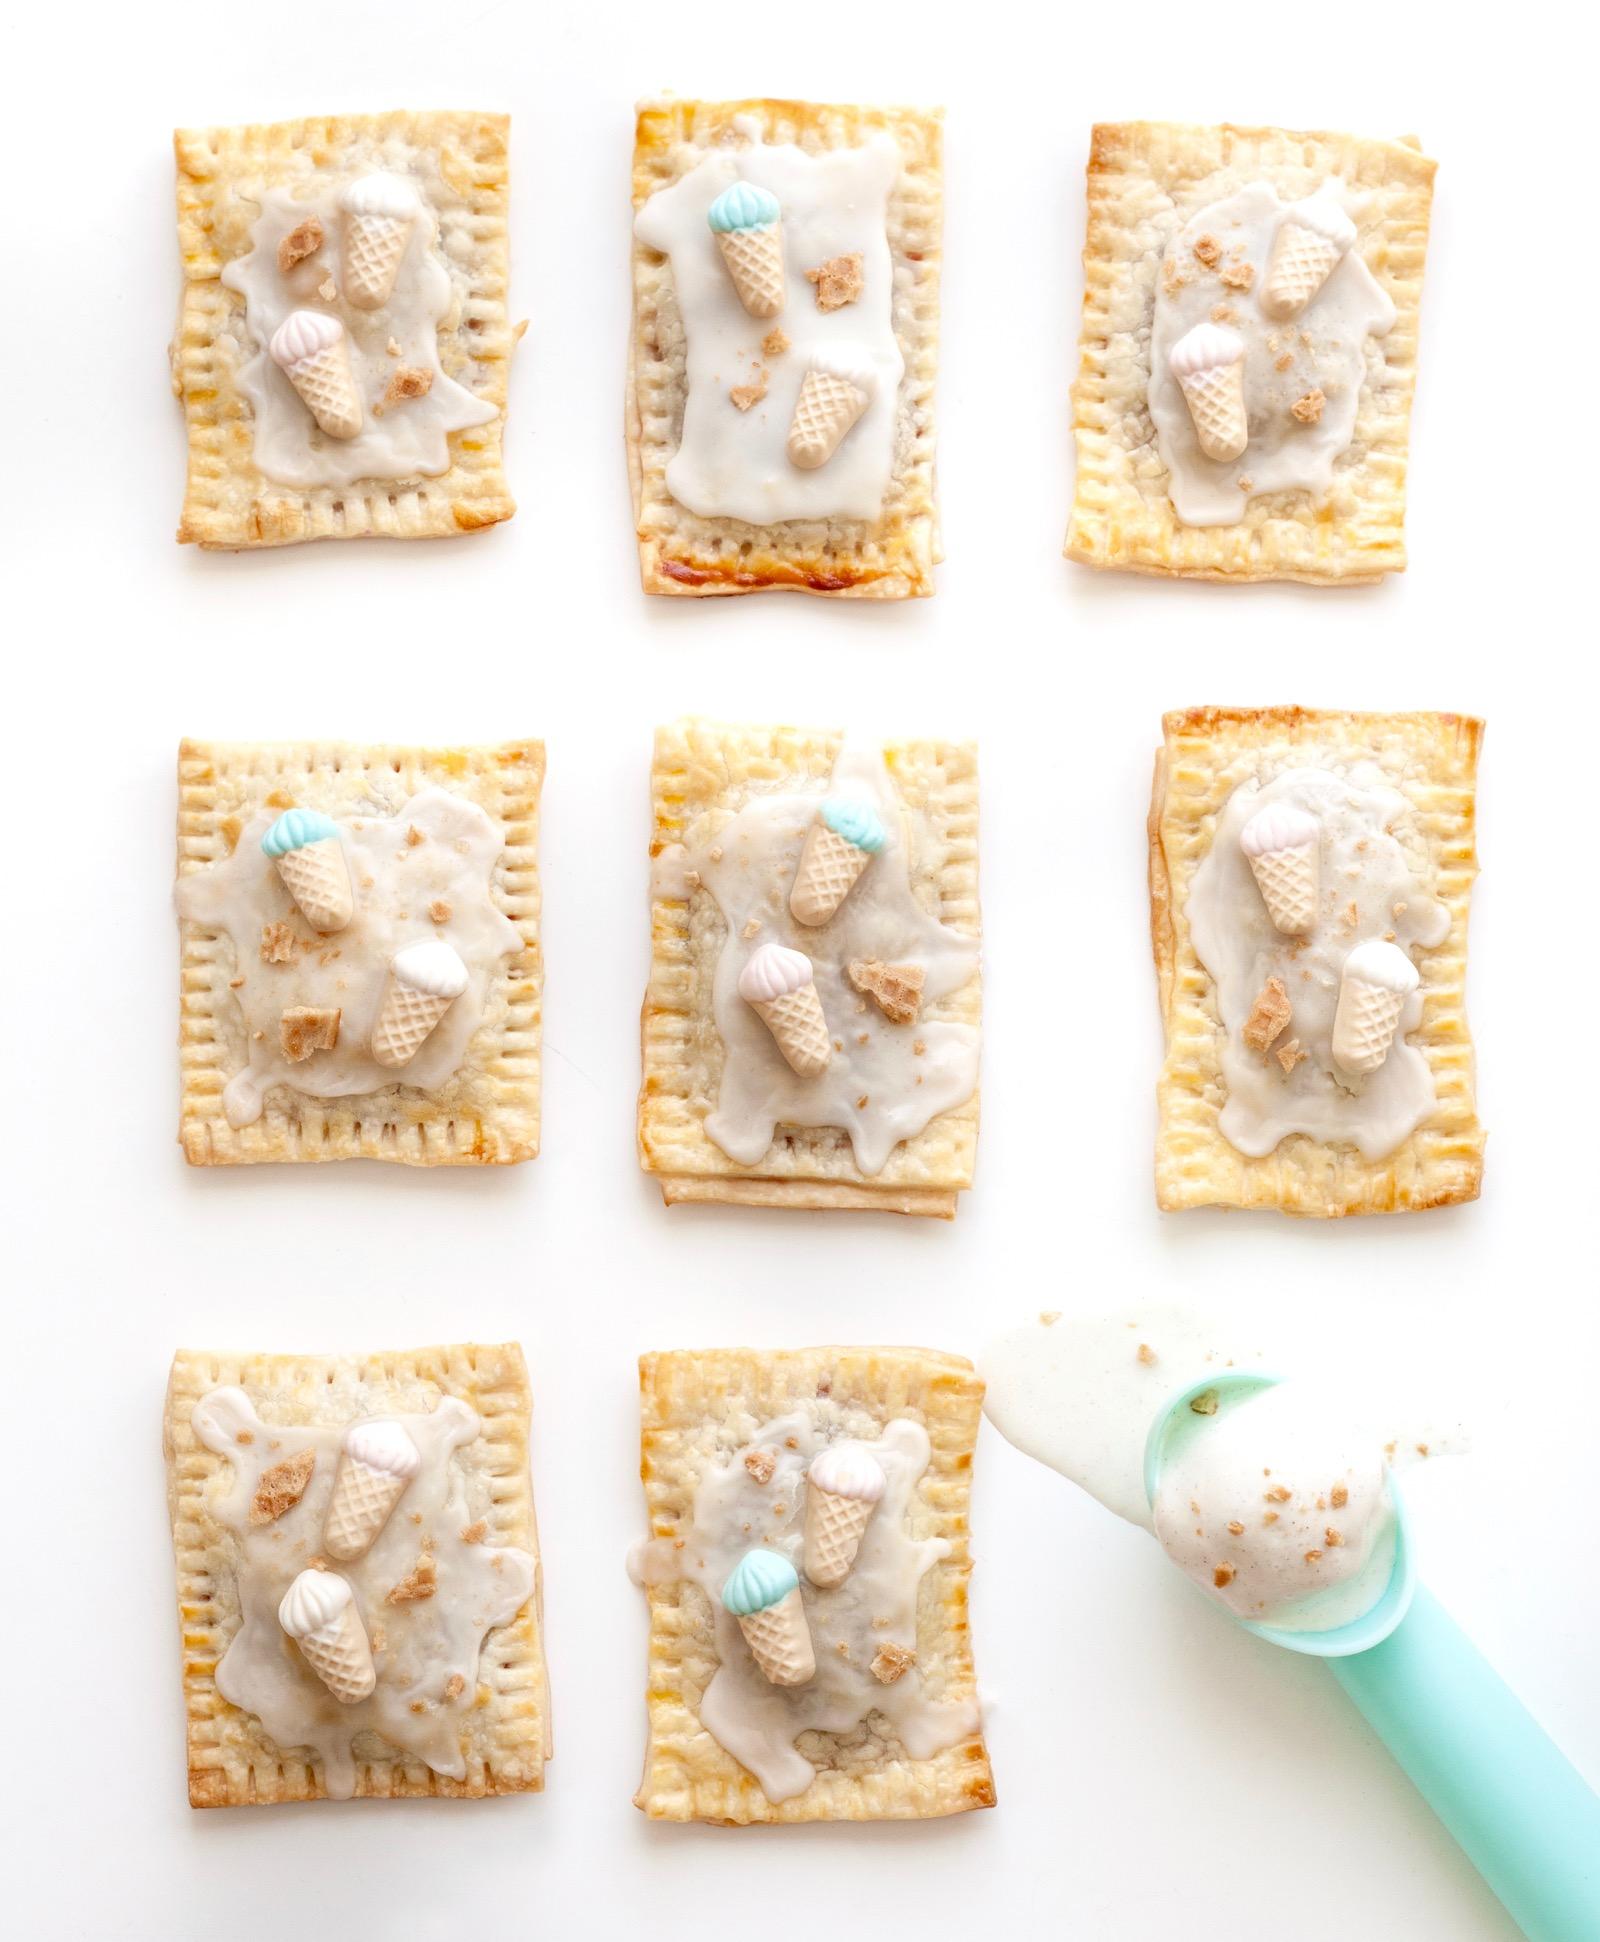 Ice Cream Flavored Pop-Tarts Recipe